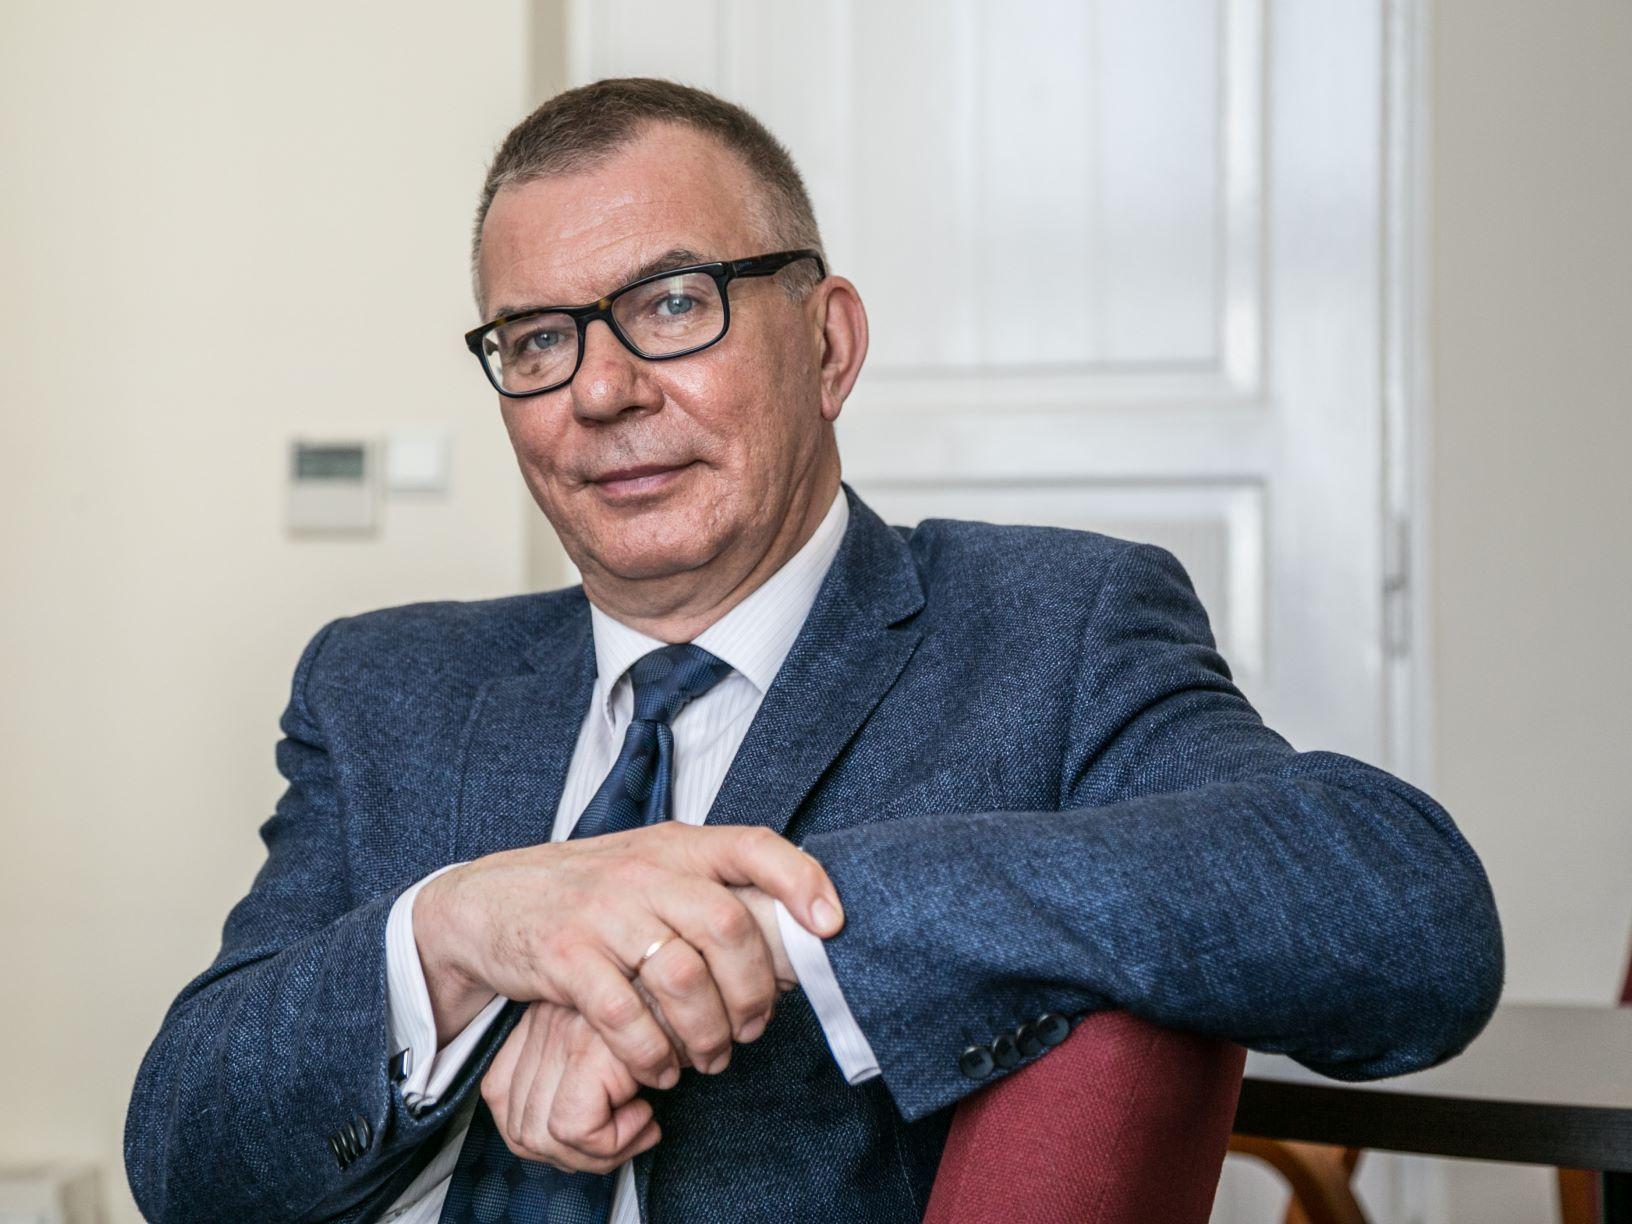 Rzecznik Małych i Średnich Przedsiębiorców, Adam Abramowicz